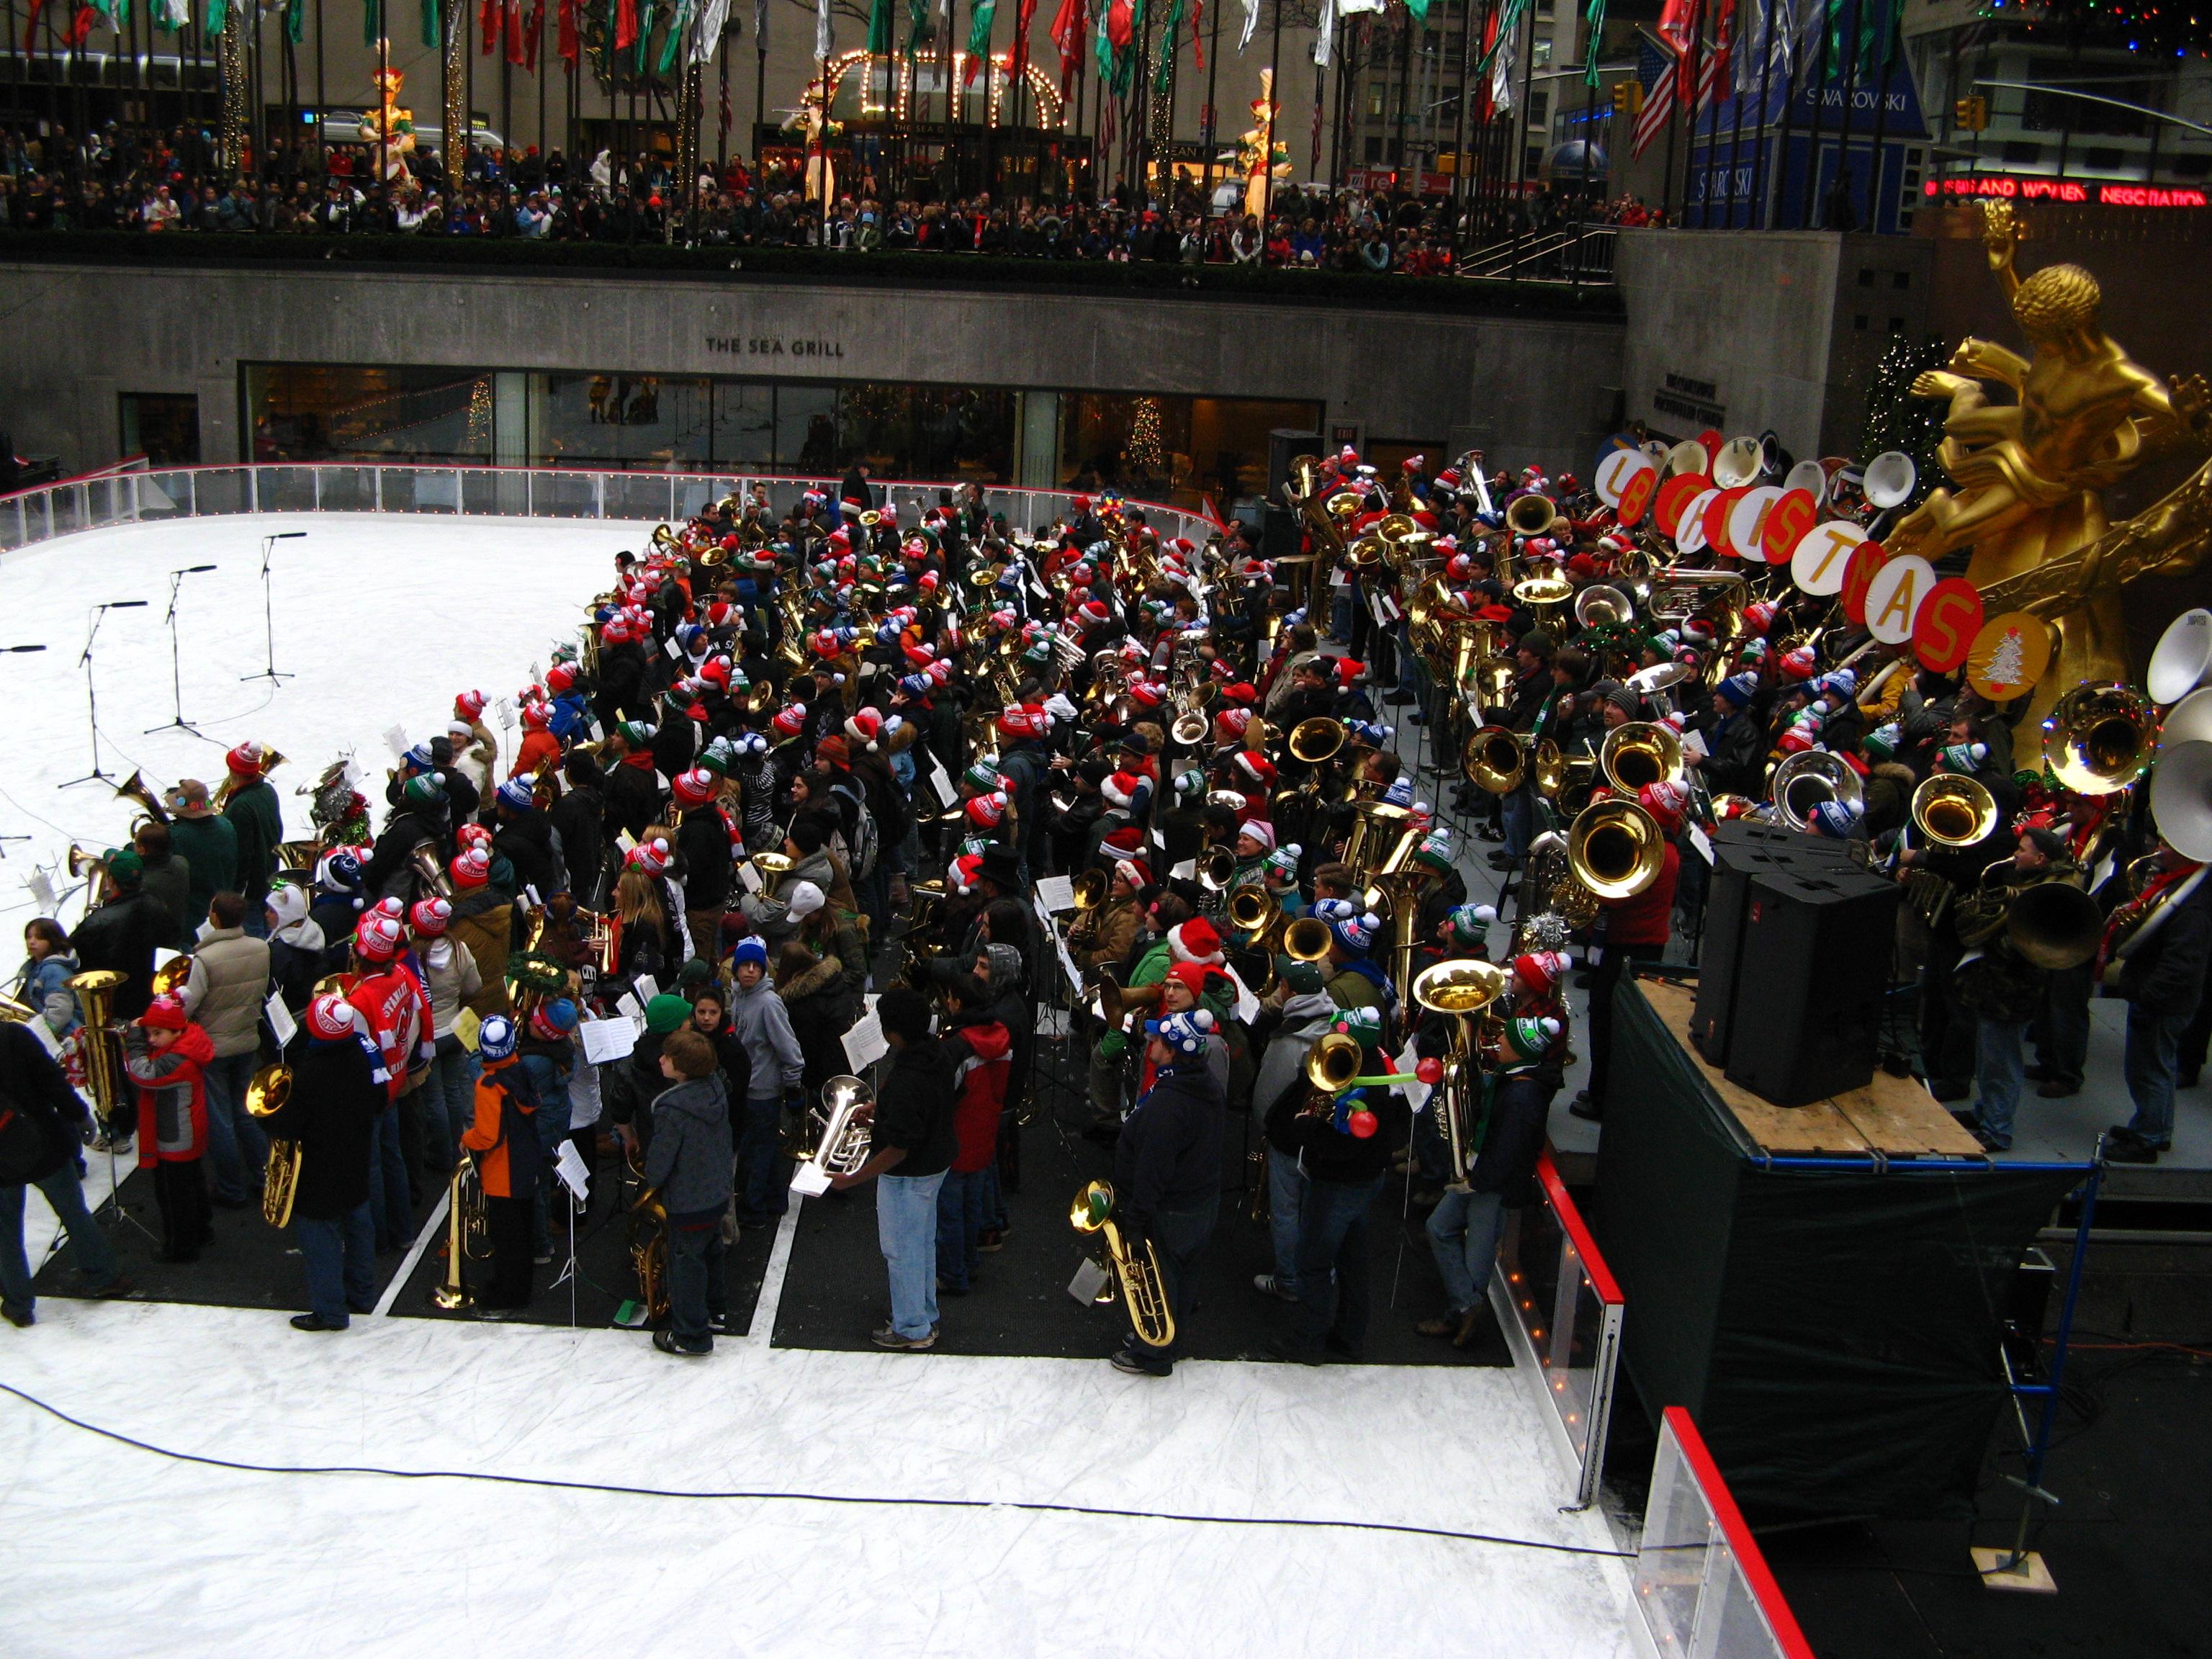 Tuba Christmas.Tubachristmas Wikipedia